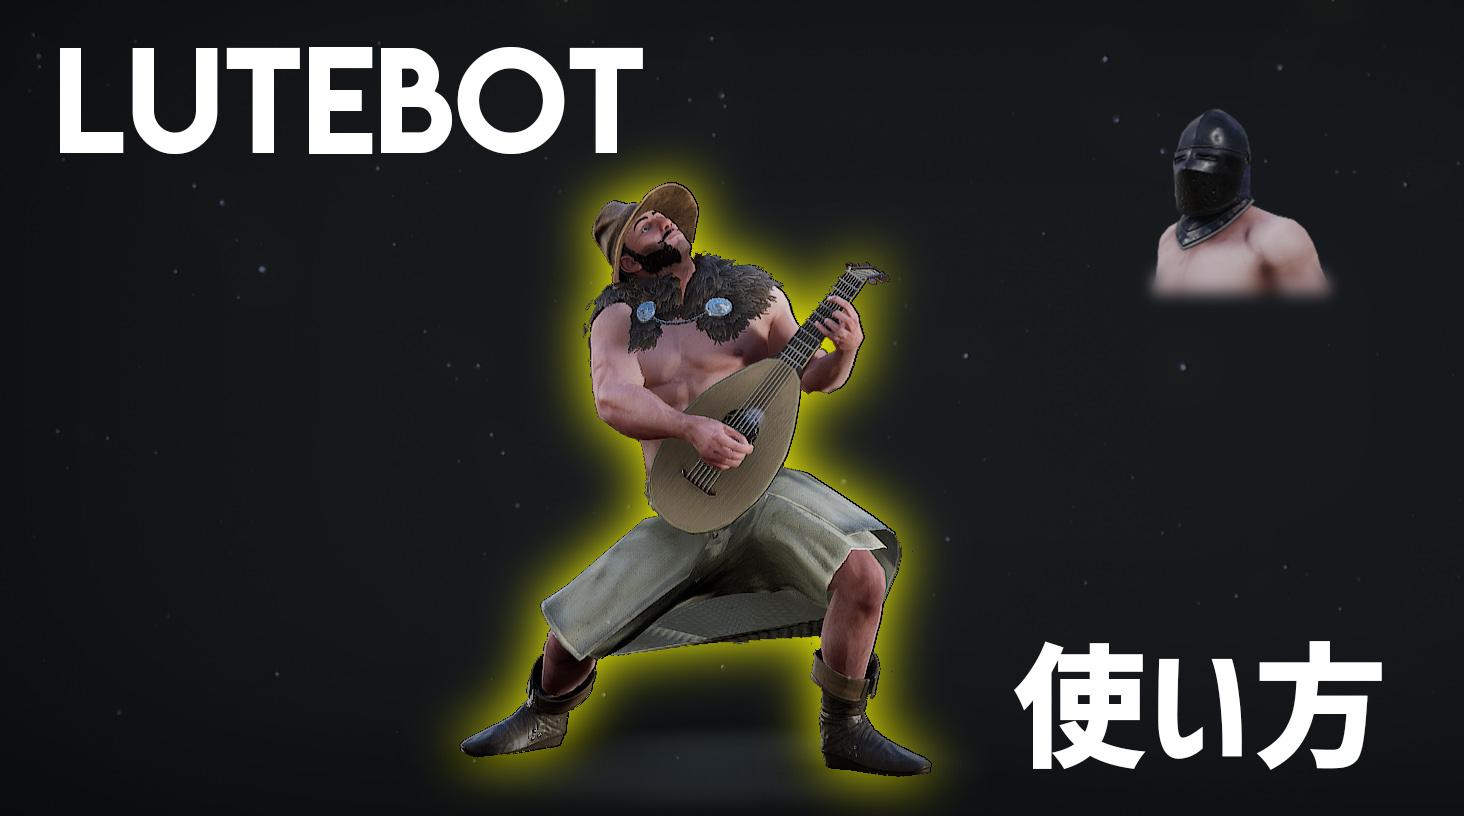 Mordhau: リュートで好きな音楽を弾けるようになる「LuteBot」の